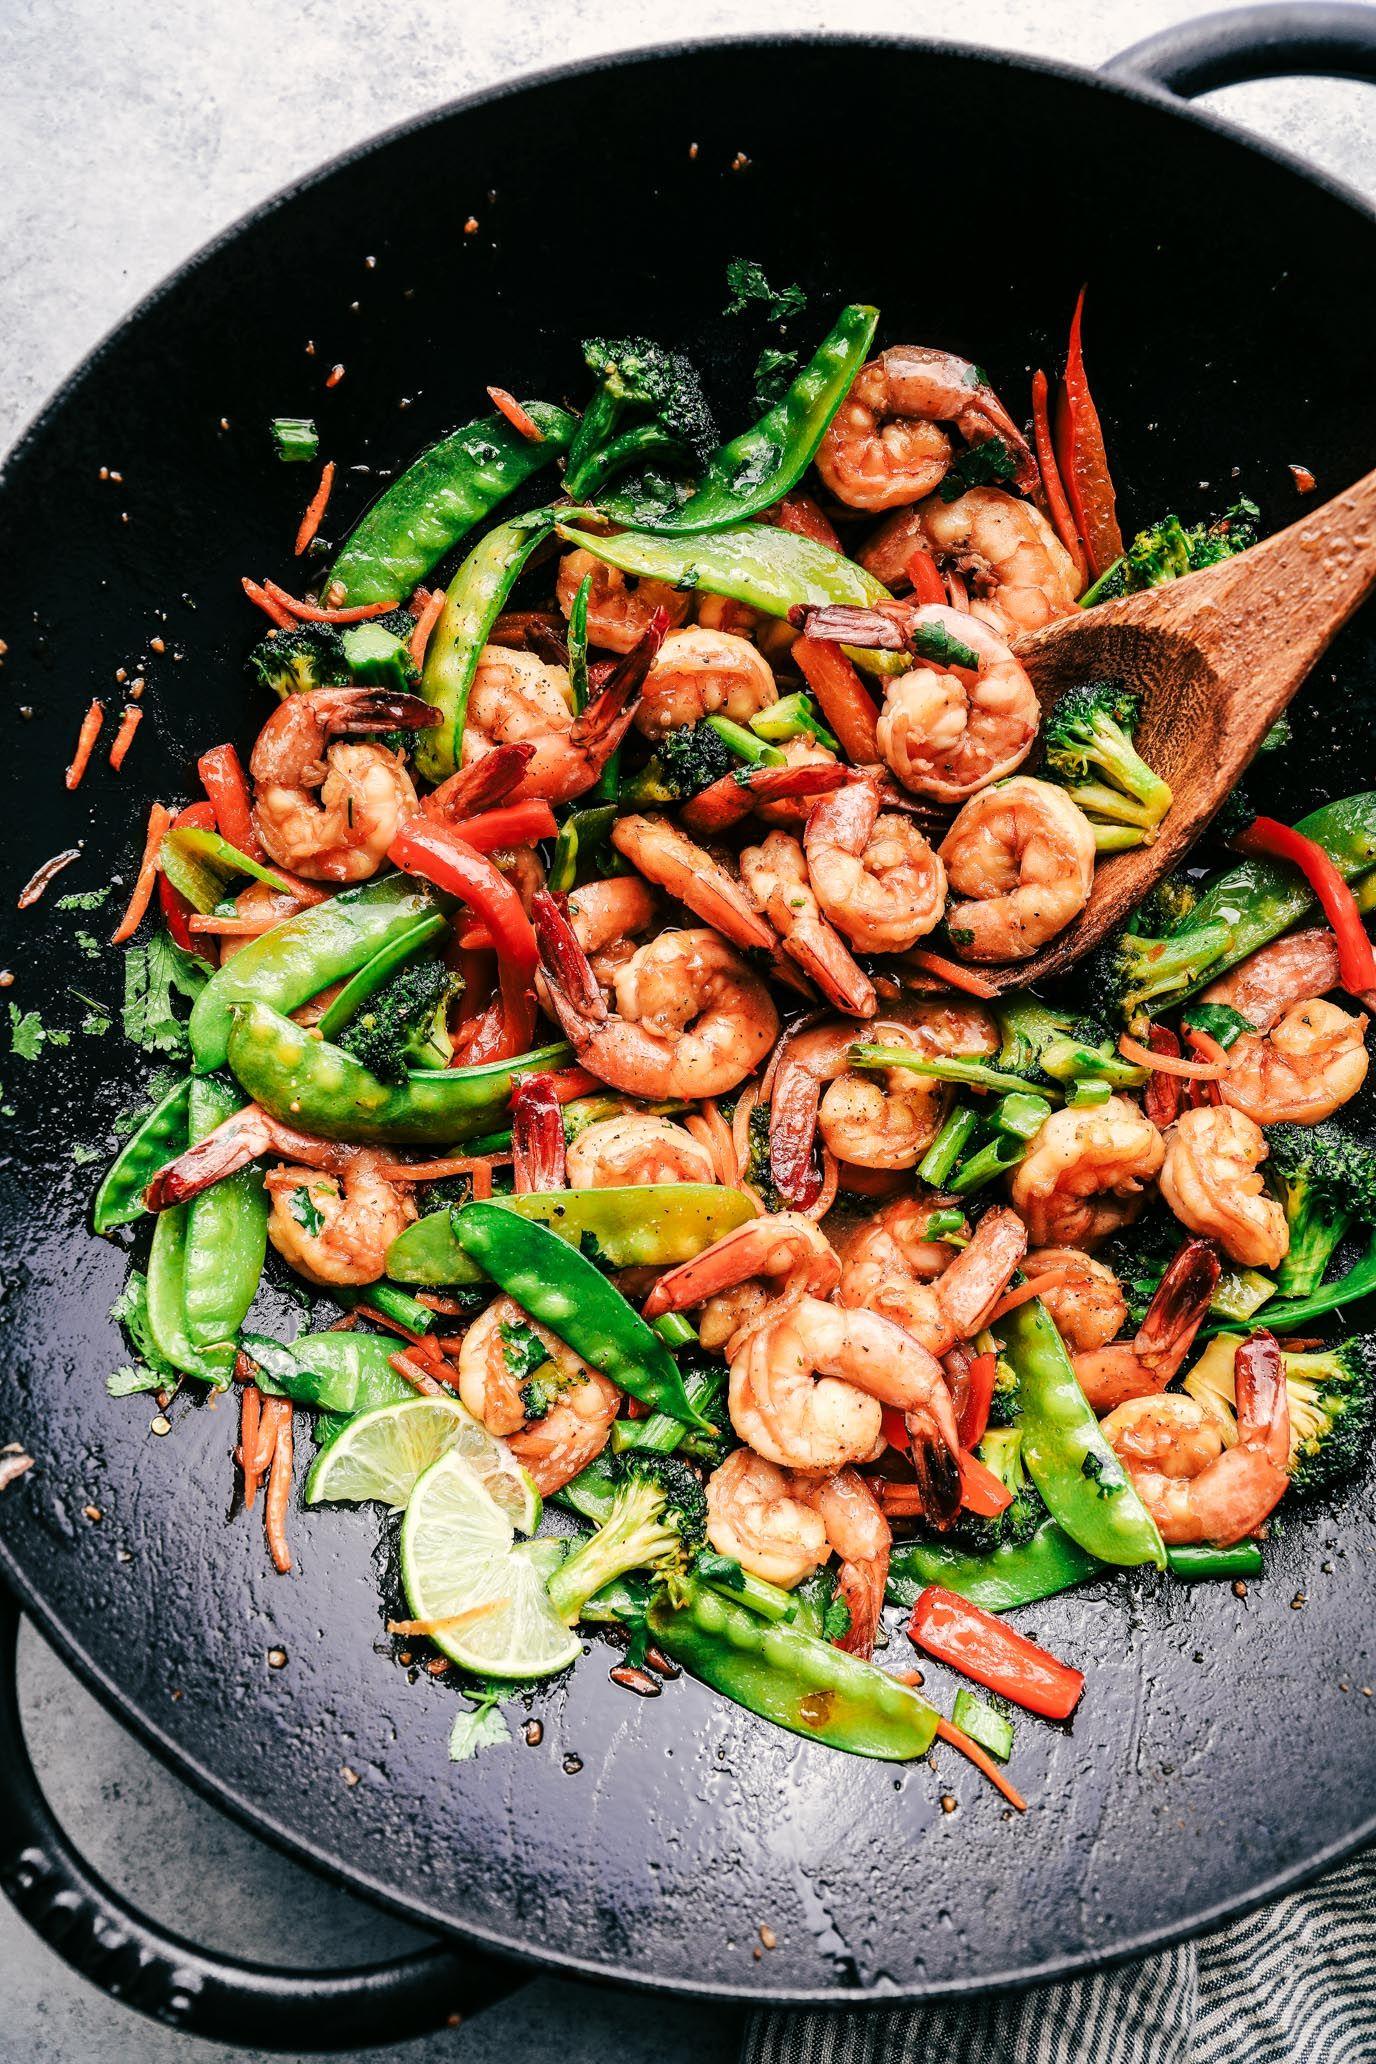 Easy 15-Minute Garlic Shrimp Stir Fry Recipe | The Recipe Critic